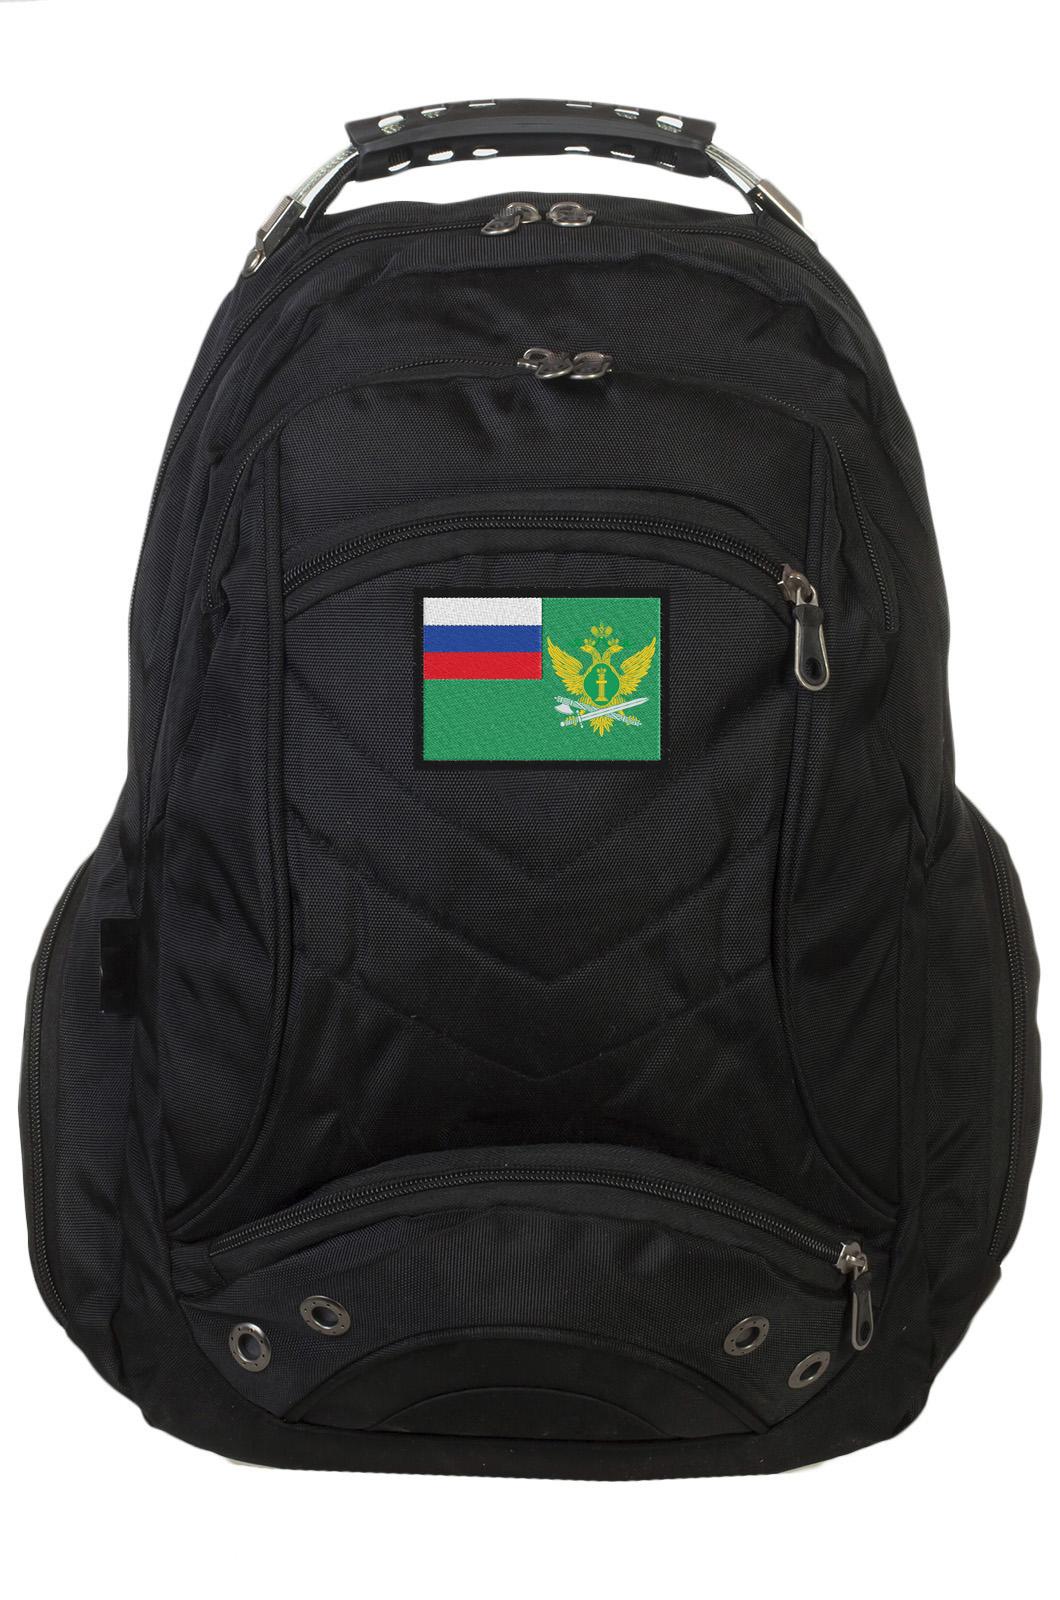 Надежный рюкзак с символикой ФССП